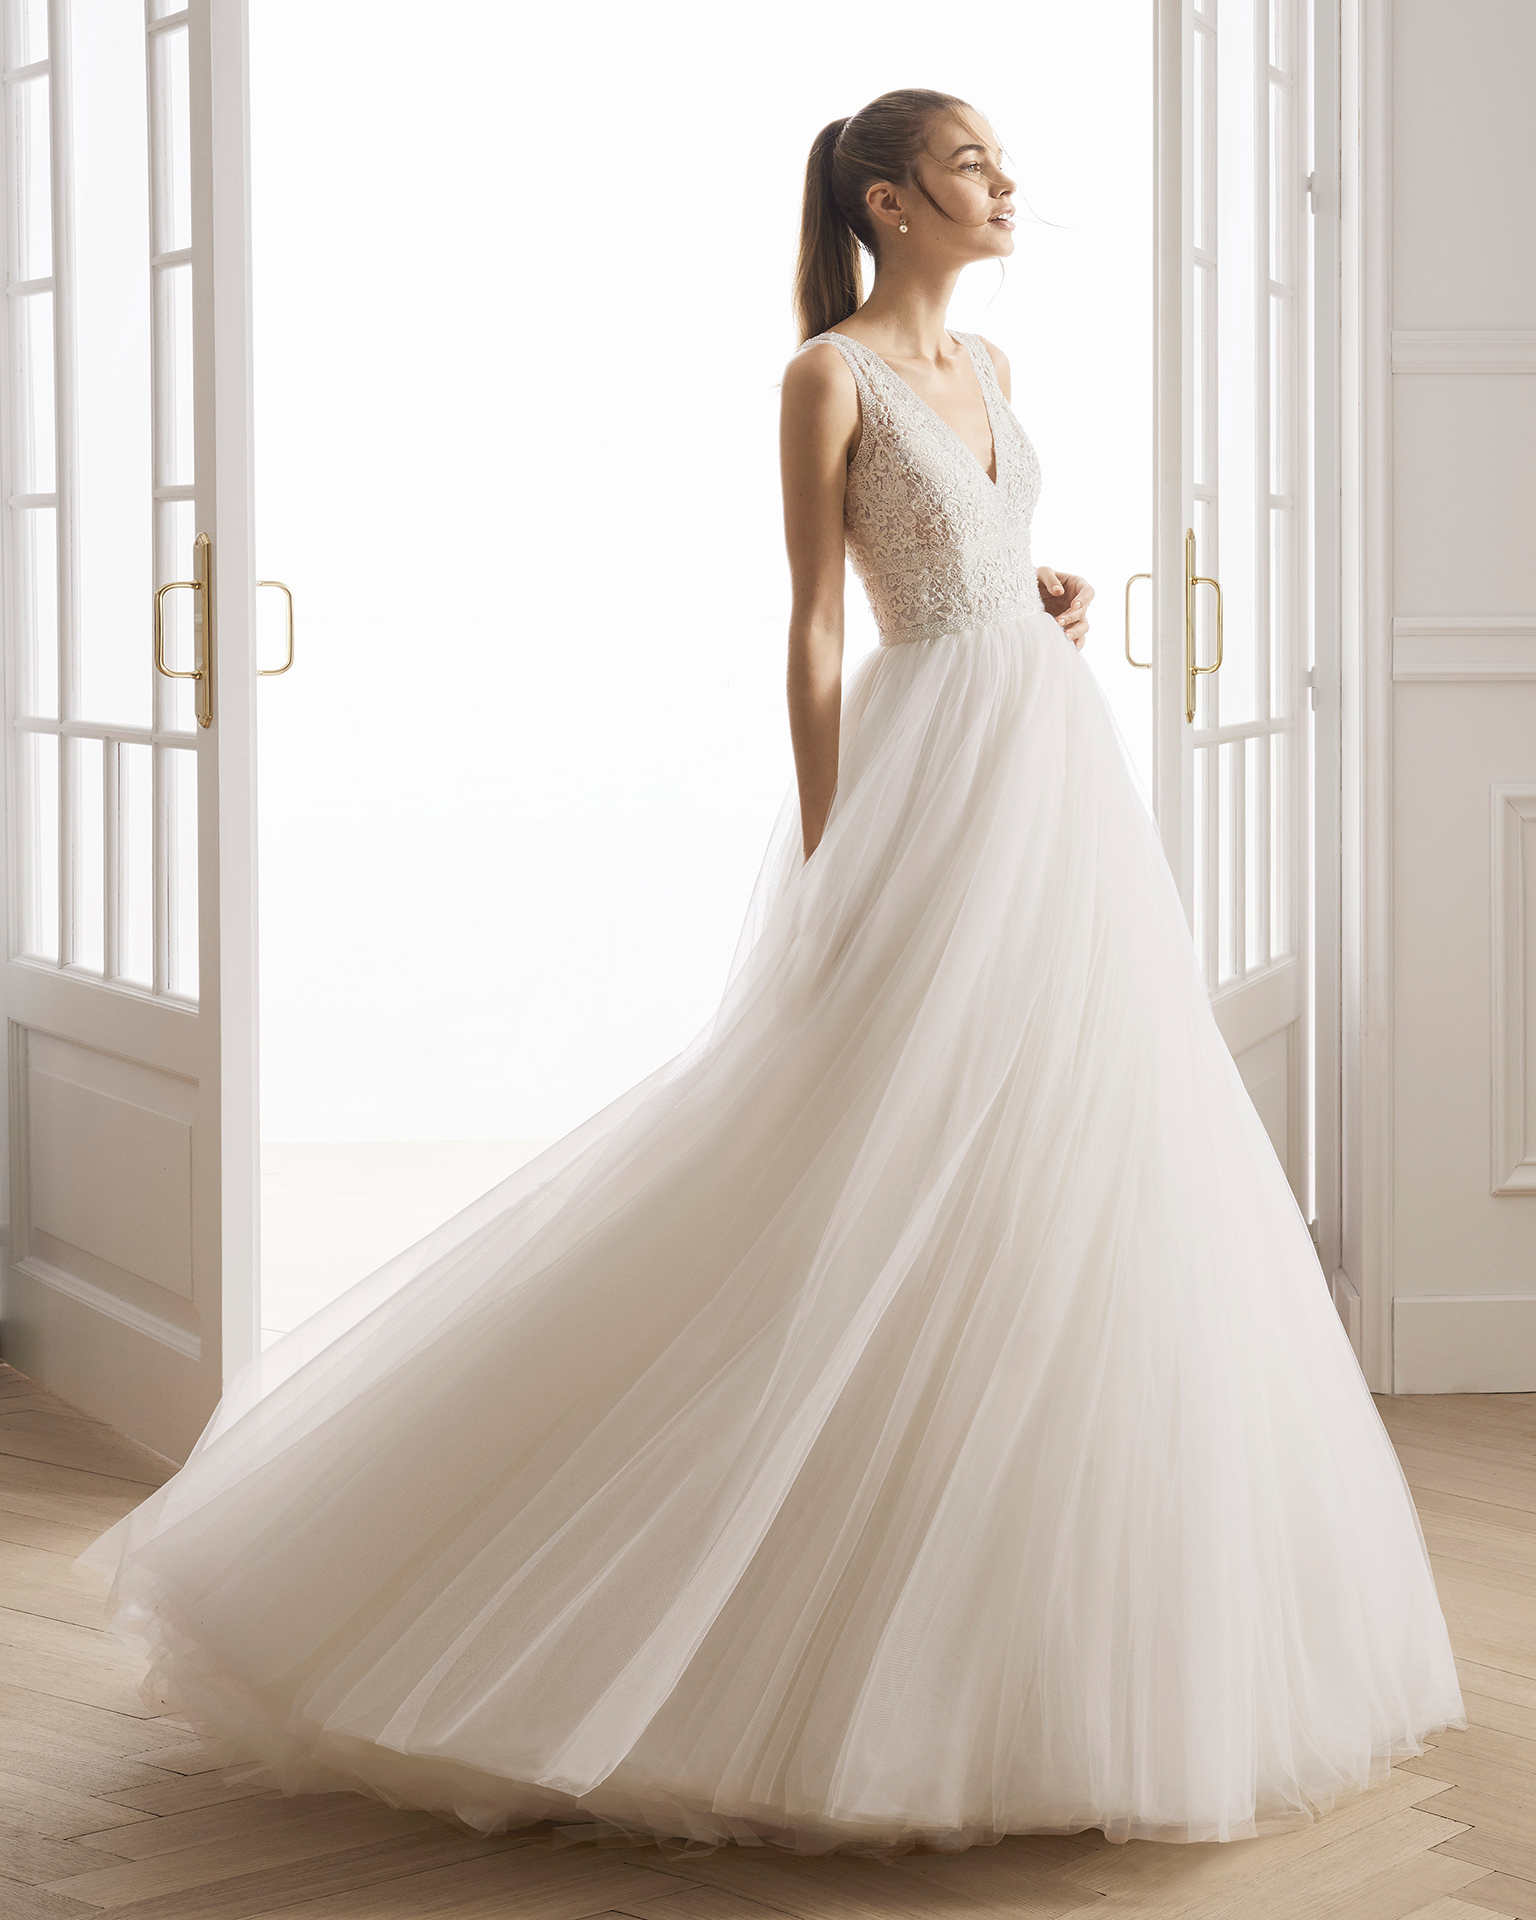 Vestido de noiva estilo princesa de renda, brilhantes e tule. Decote em V e costas decotadas. Disponível em cor marfim. Coleção AIRE BARCELONA 2019.